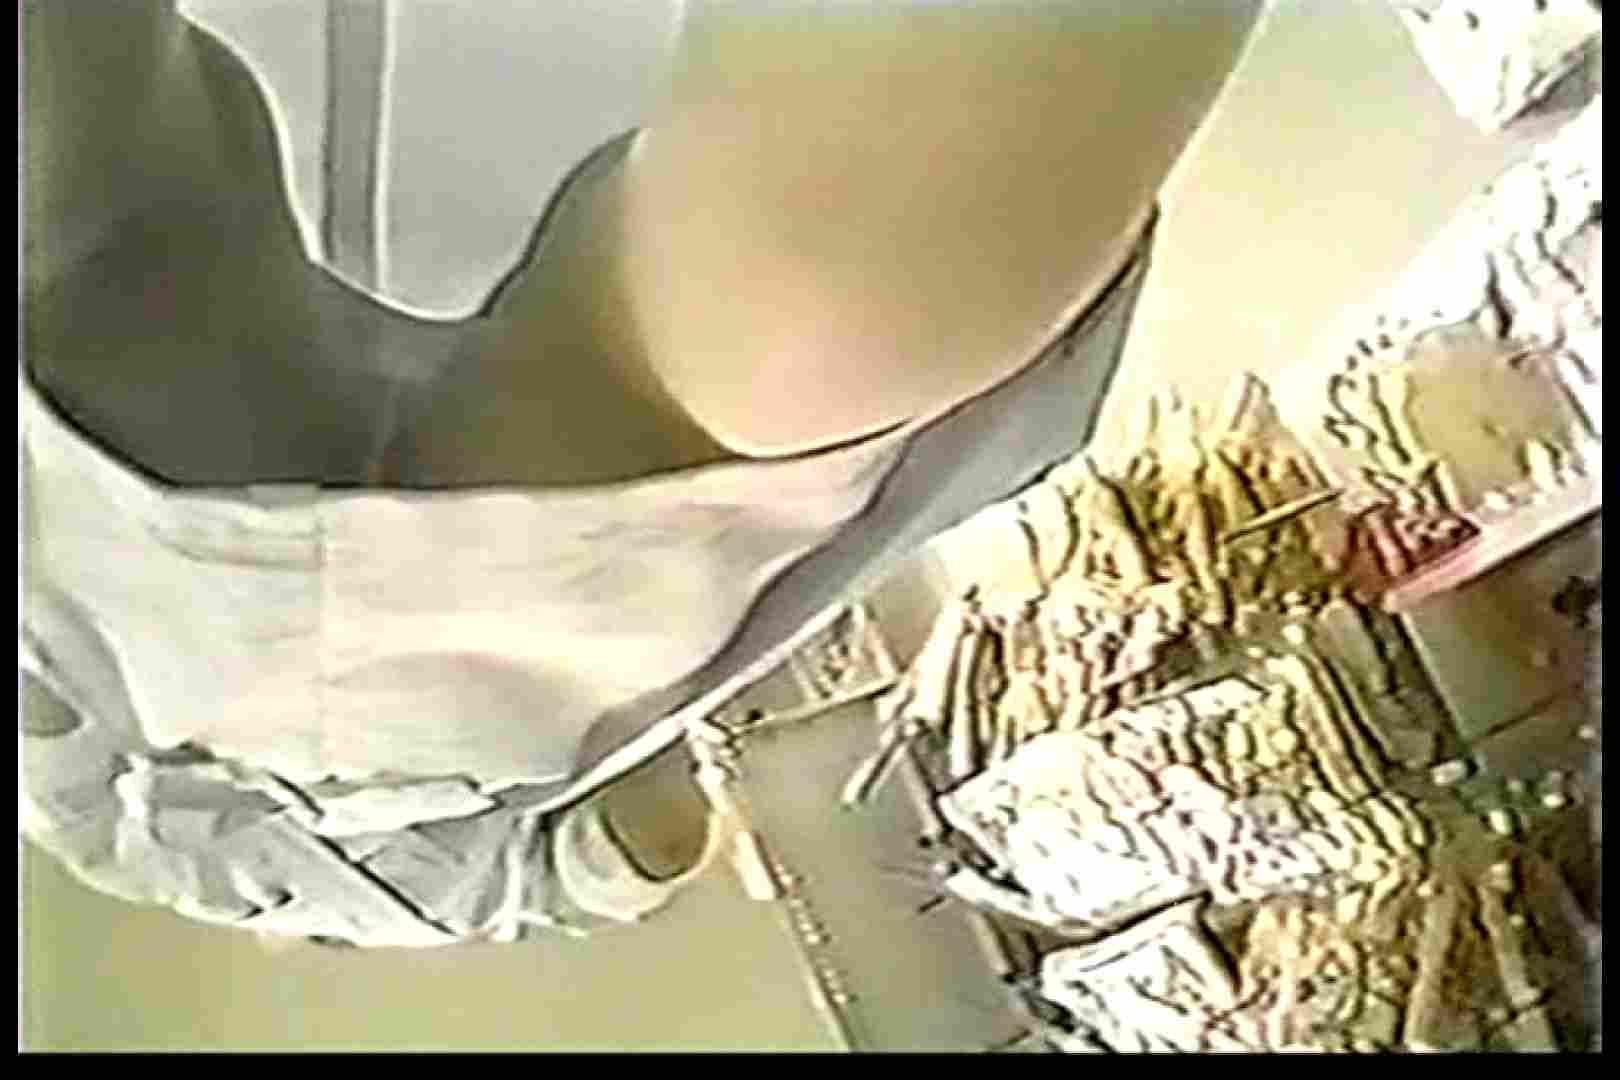 院内密着!看護婦達の下半身事情Vol.1 0   0  60画像 55